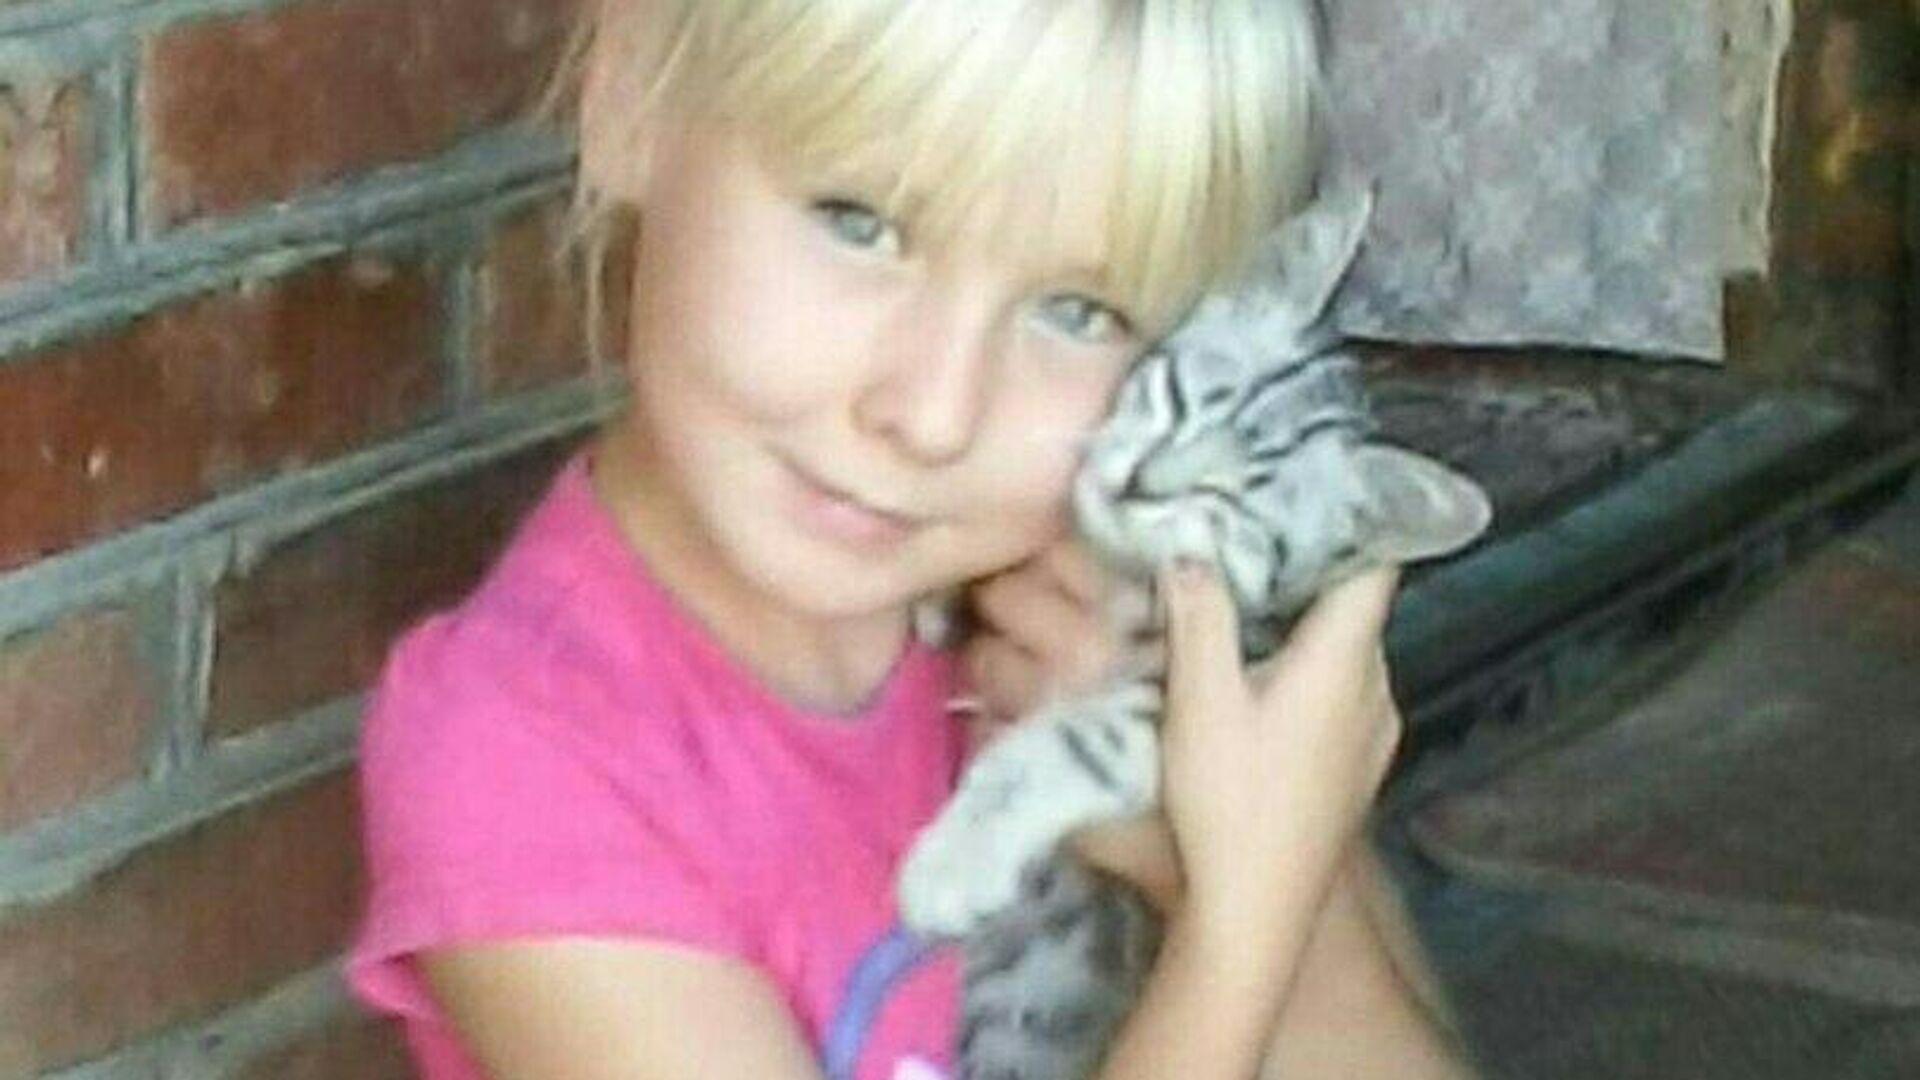 СК завел дело из-за убийства женщины и четырехлетней девочки в Саратове